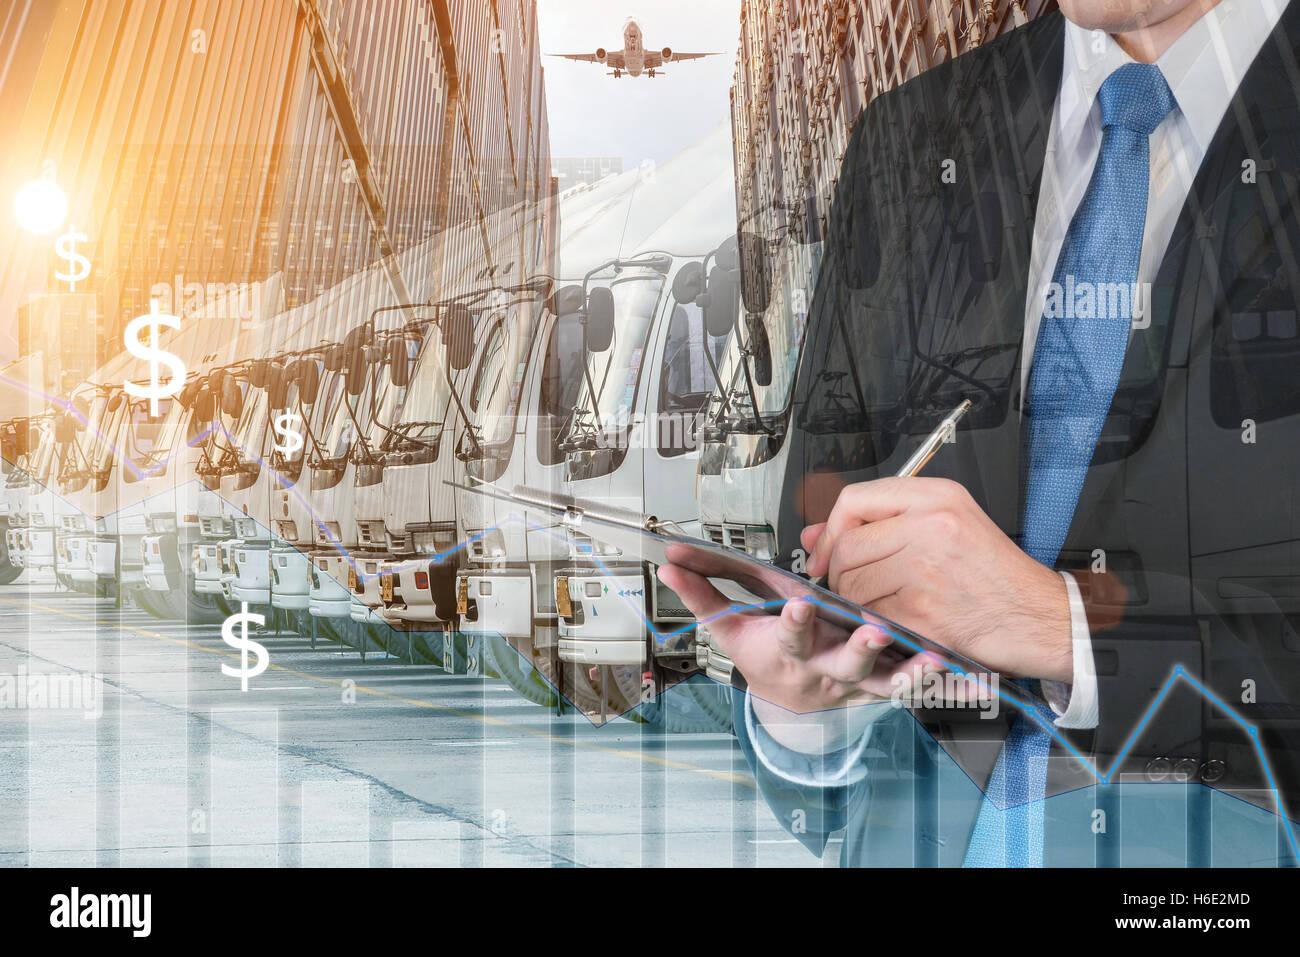 Doppelbelichtung Geschäftsmann ist Handel mit unscharfen Fracht und Transport-LKW buchen. Transport-Logistik Stockbild